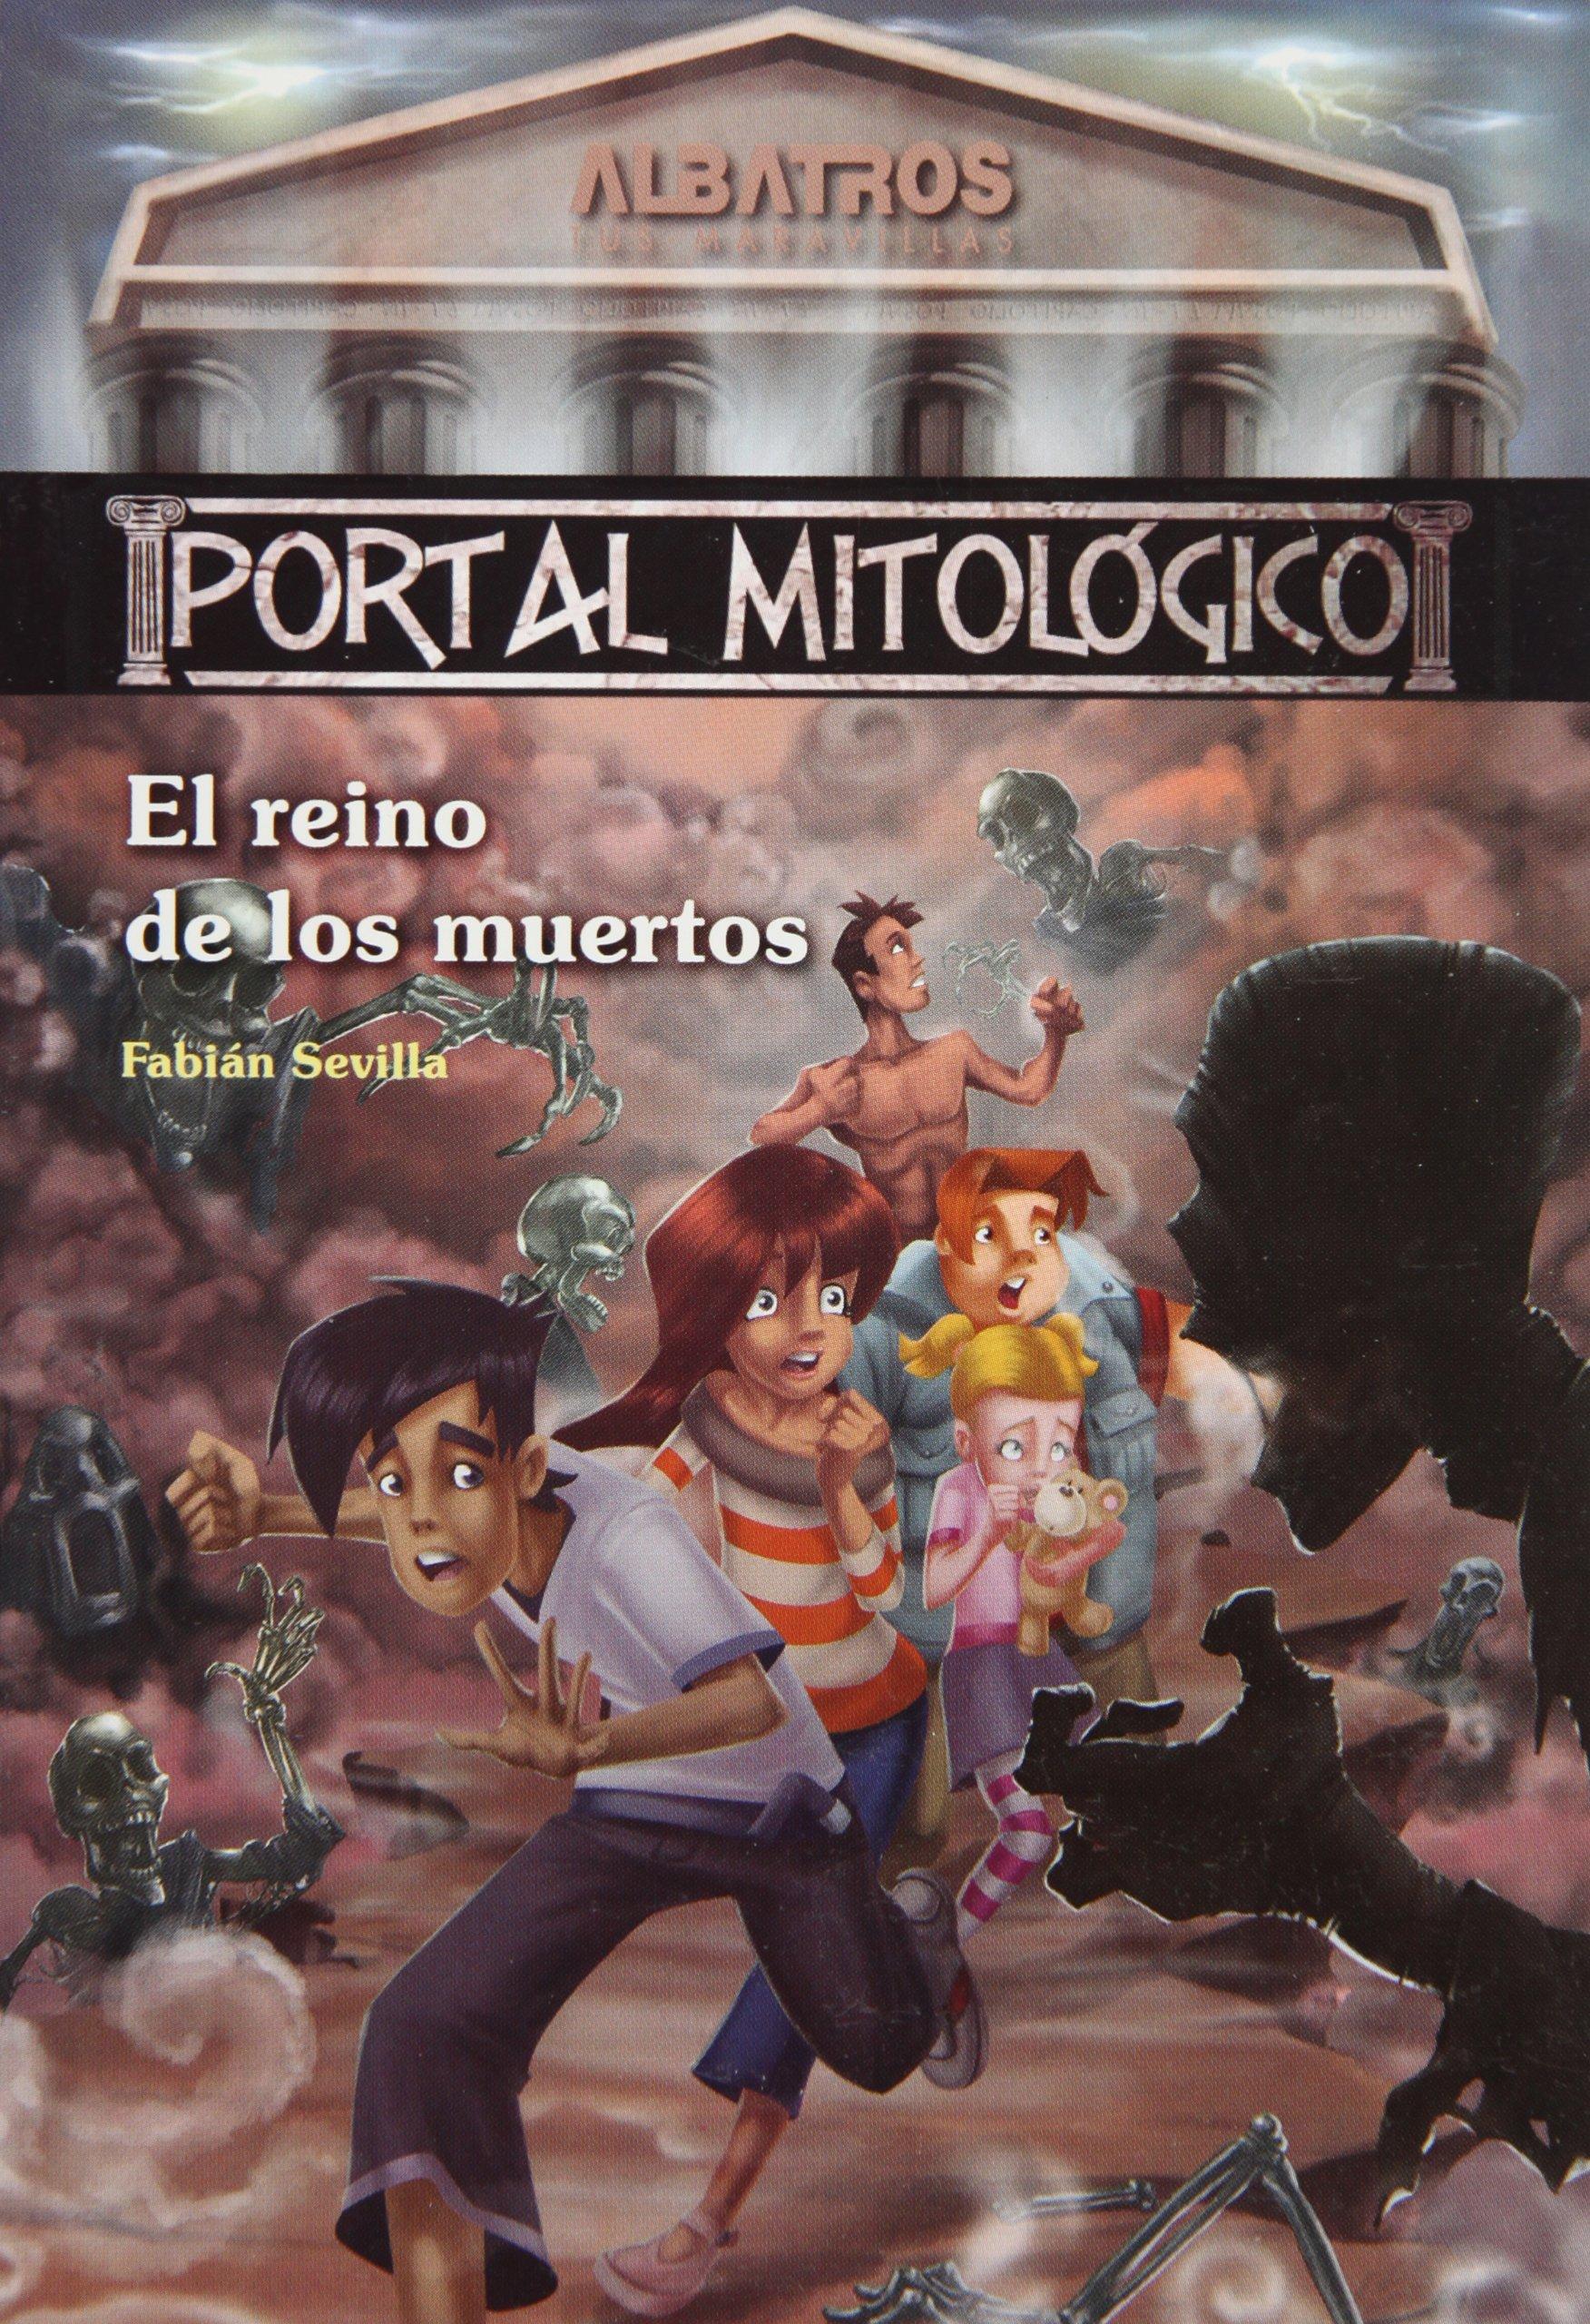 Download El reino de los muertos. Portal mitologico (Spanish Edition) ePub fb2 book